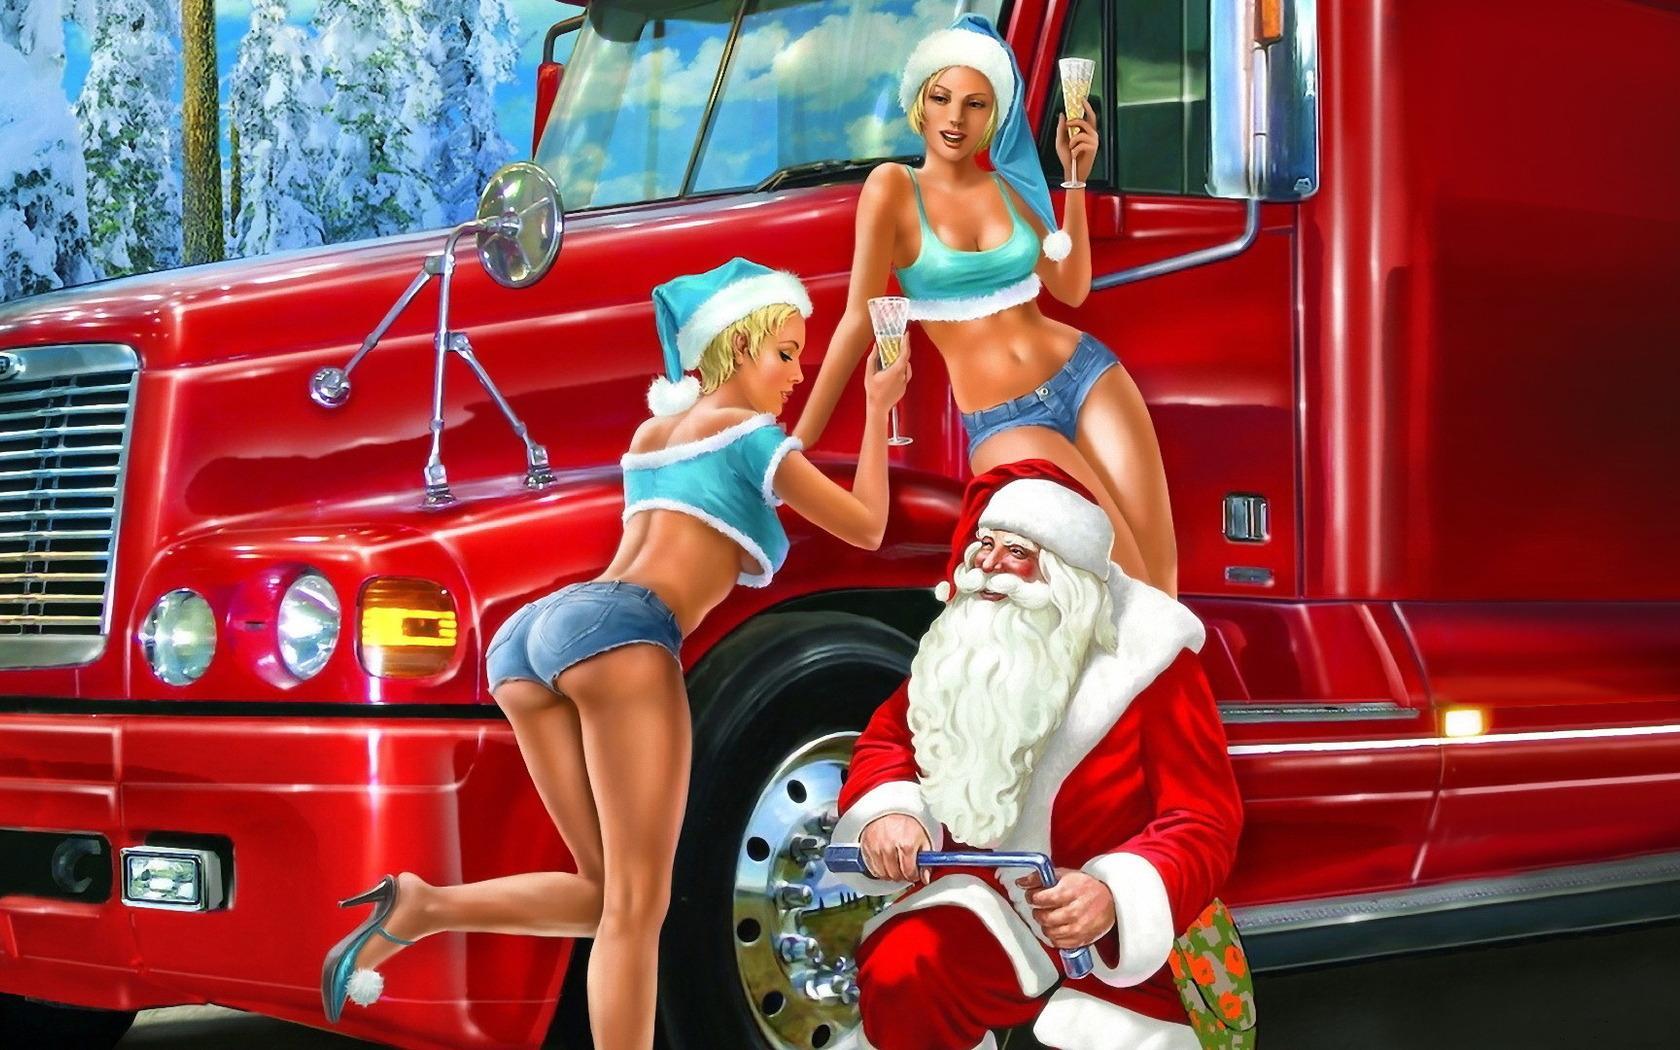 Дед мороз с девушками, скачать обои на рабочий стол, Santa Claus with girls wallpaper, фото